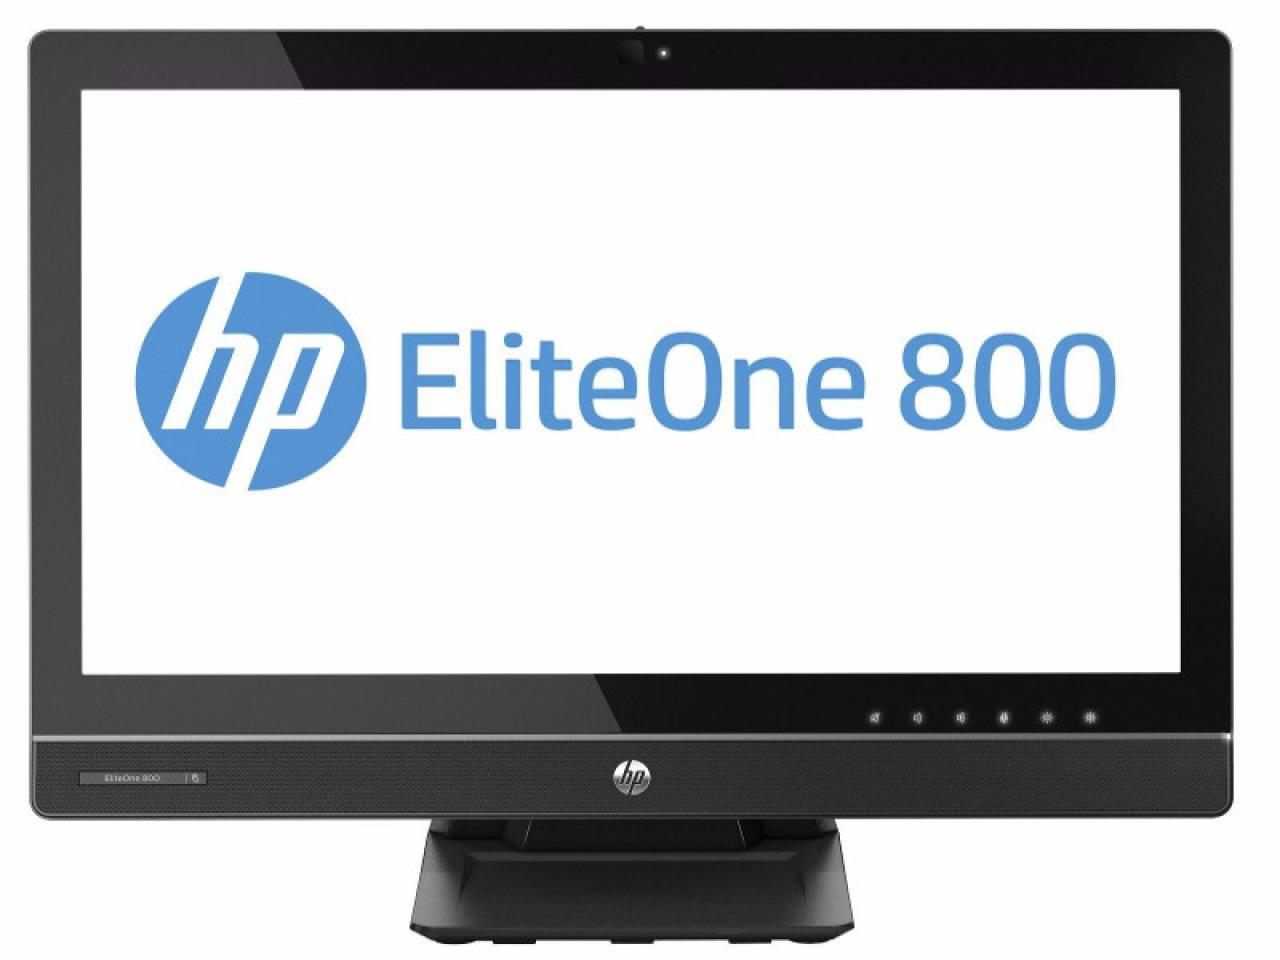 Hewlett Packard EliteOne 800 G1 23 AIO  - shop.bb-net.de